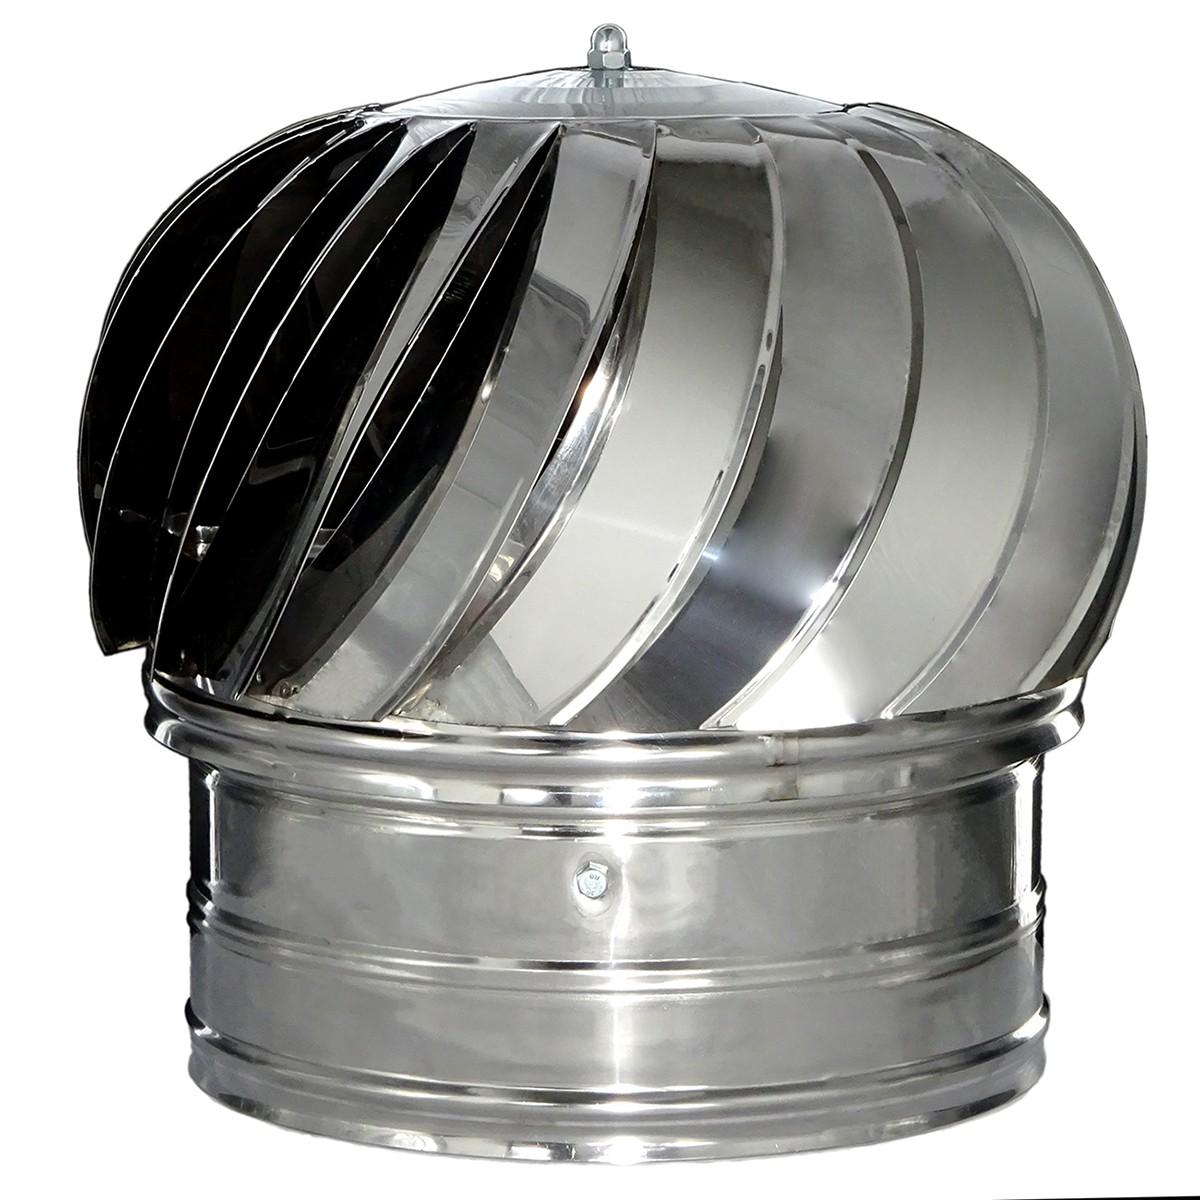 Pălărie rotativă din inox pentru coșuri de fum - Ø 180mm